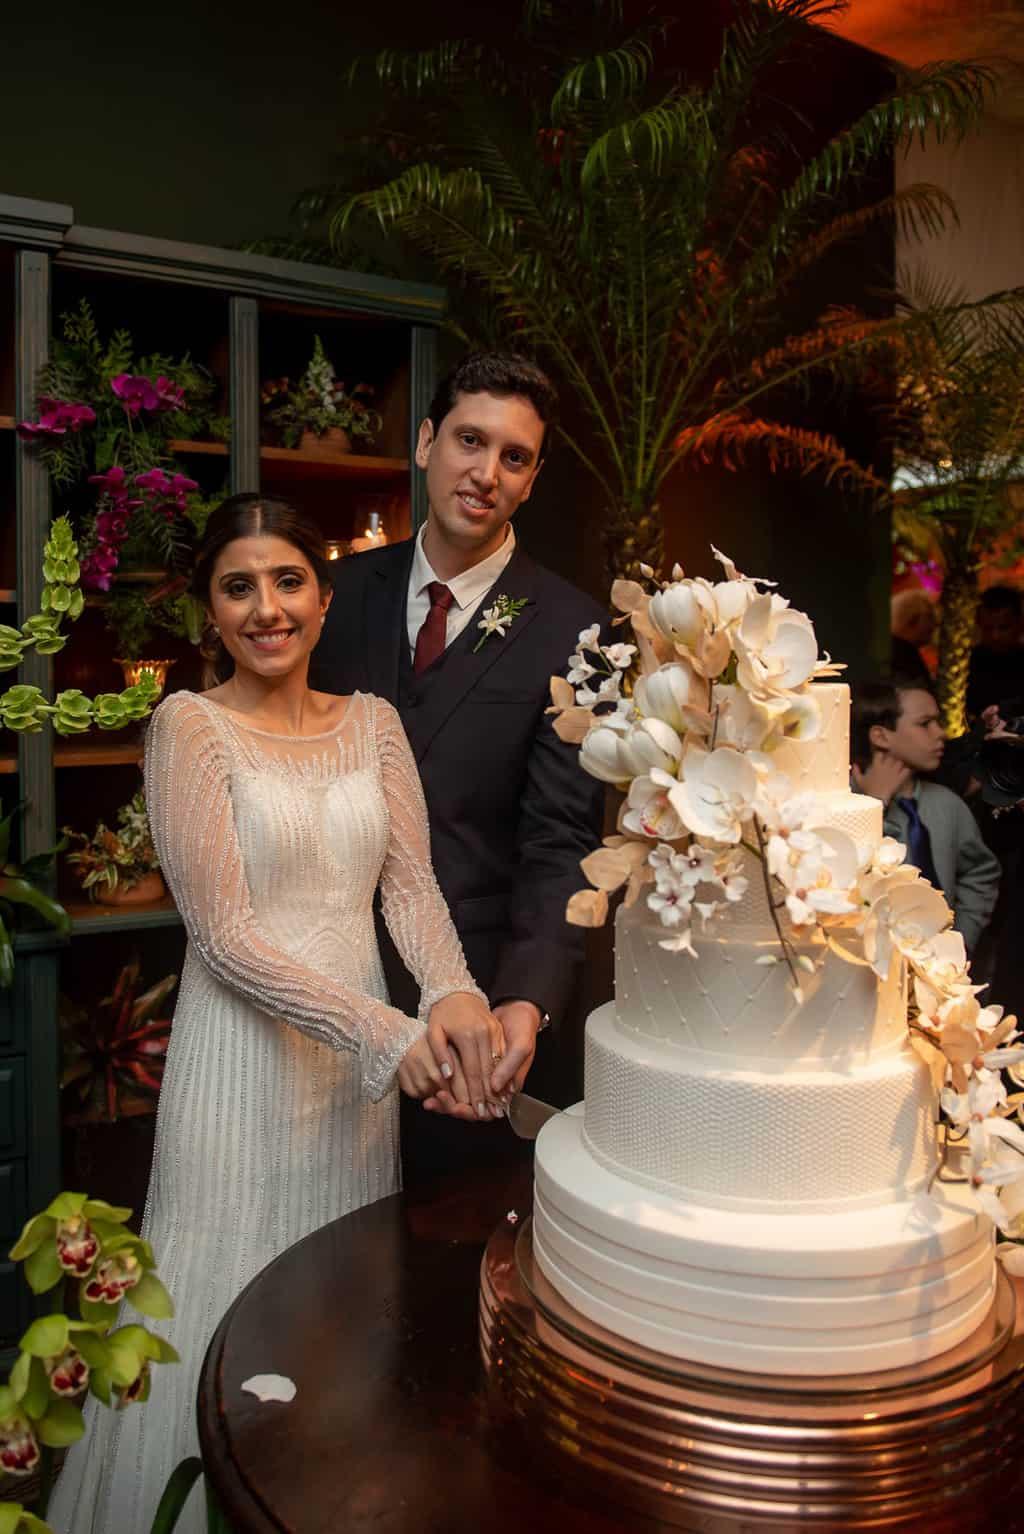 casamento-luiza-e-gustavo-cerimonial-casamento-de-ideias-foto-do-casal-fotografia-lenine-serejo-fotografia-lenine-serejo.-bolo-de-casamento55